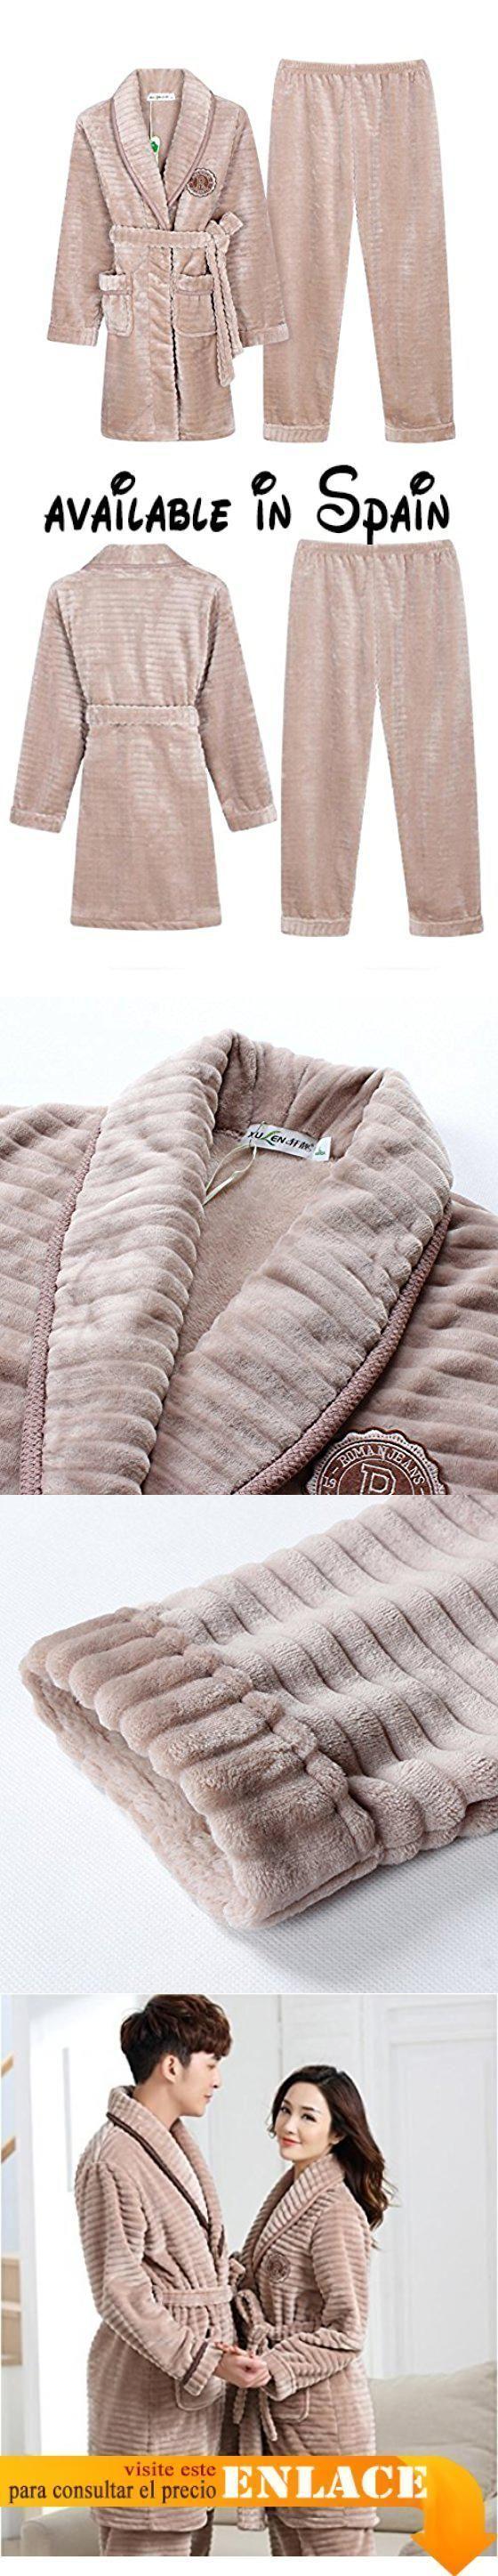 B0756D7TQ6 : Parejas pijamas otoño e invierno largo espesar coral ropa de cama de mujer-A L-Aplicar Altura:63in. Material:FranelaGruesa CalientePiel SuaveCómodo Y Respirable. Un Buen Regalo Para Su Persona Especial Haga Su Hogar Más Caliente. Esta sección es femenina. Si usted tiene cualesquiera problemas con nuestro producto usted puede entrarnos en contacto con en cualquier momento haremos nuestro mejor para servirle.. 10-15 días laborales usted recibirá su #ropadecama